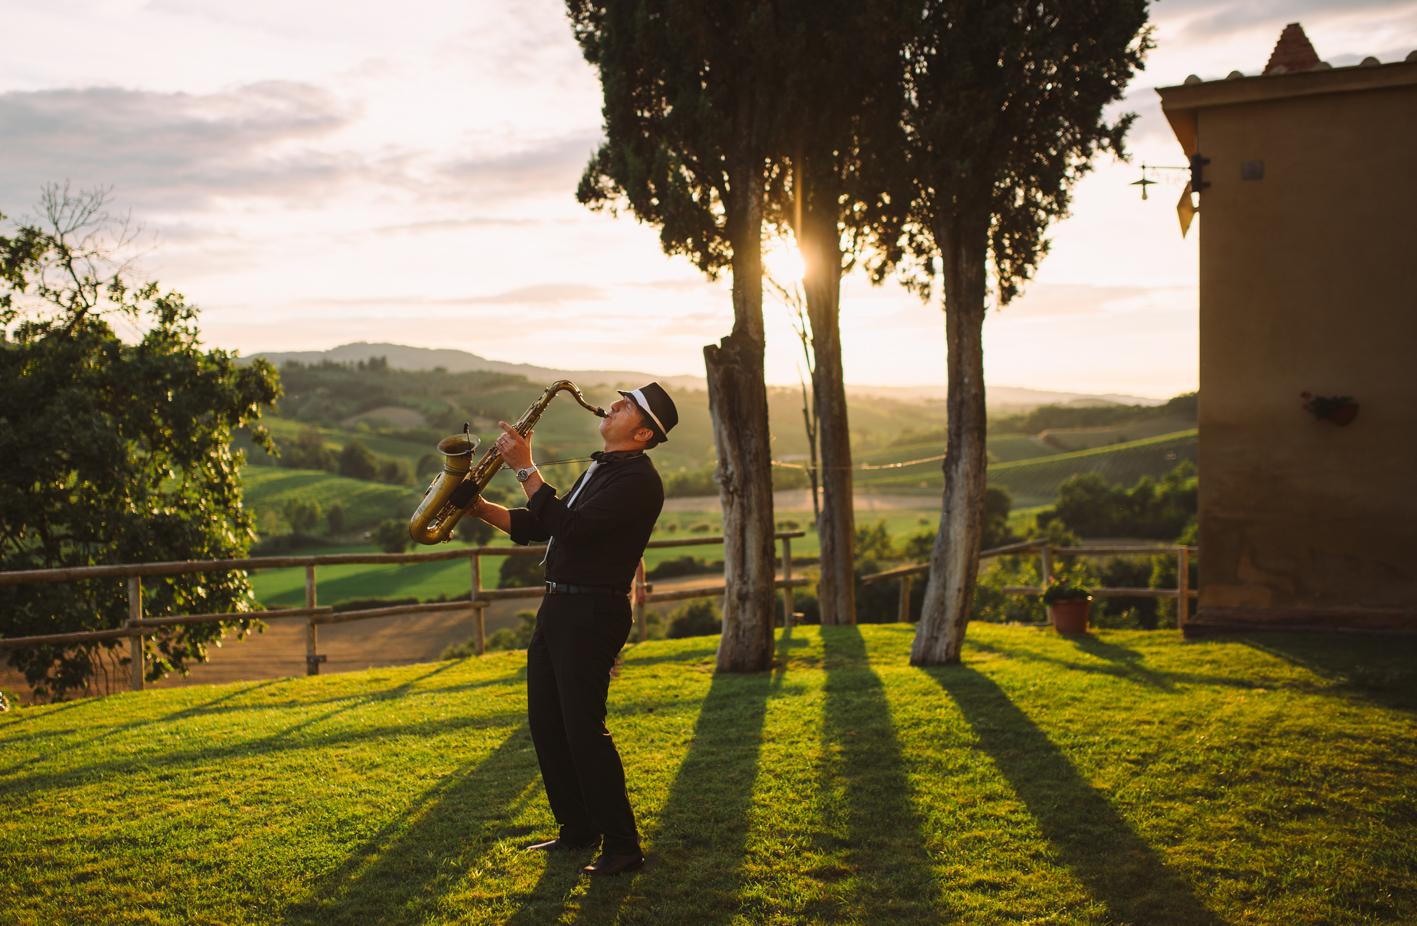 #funkybirdphotography #weddingintuscany #weddinginitaly #funkybirdfirenze #trouwenintoscane #sangimignano #landscape #sunlight #goldenhour